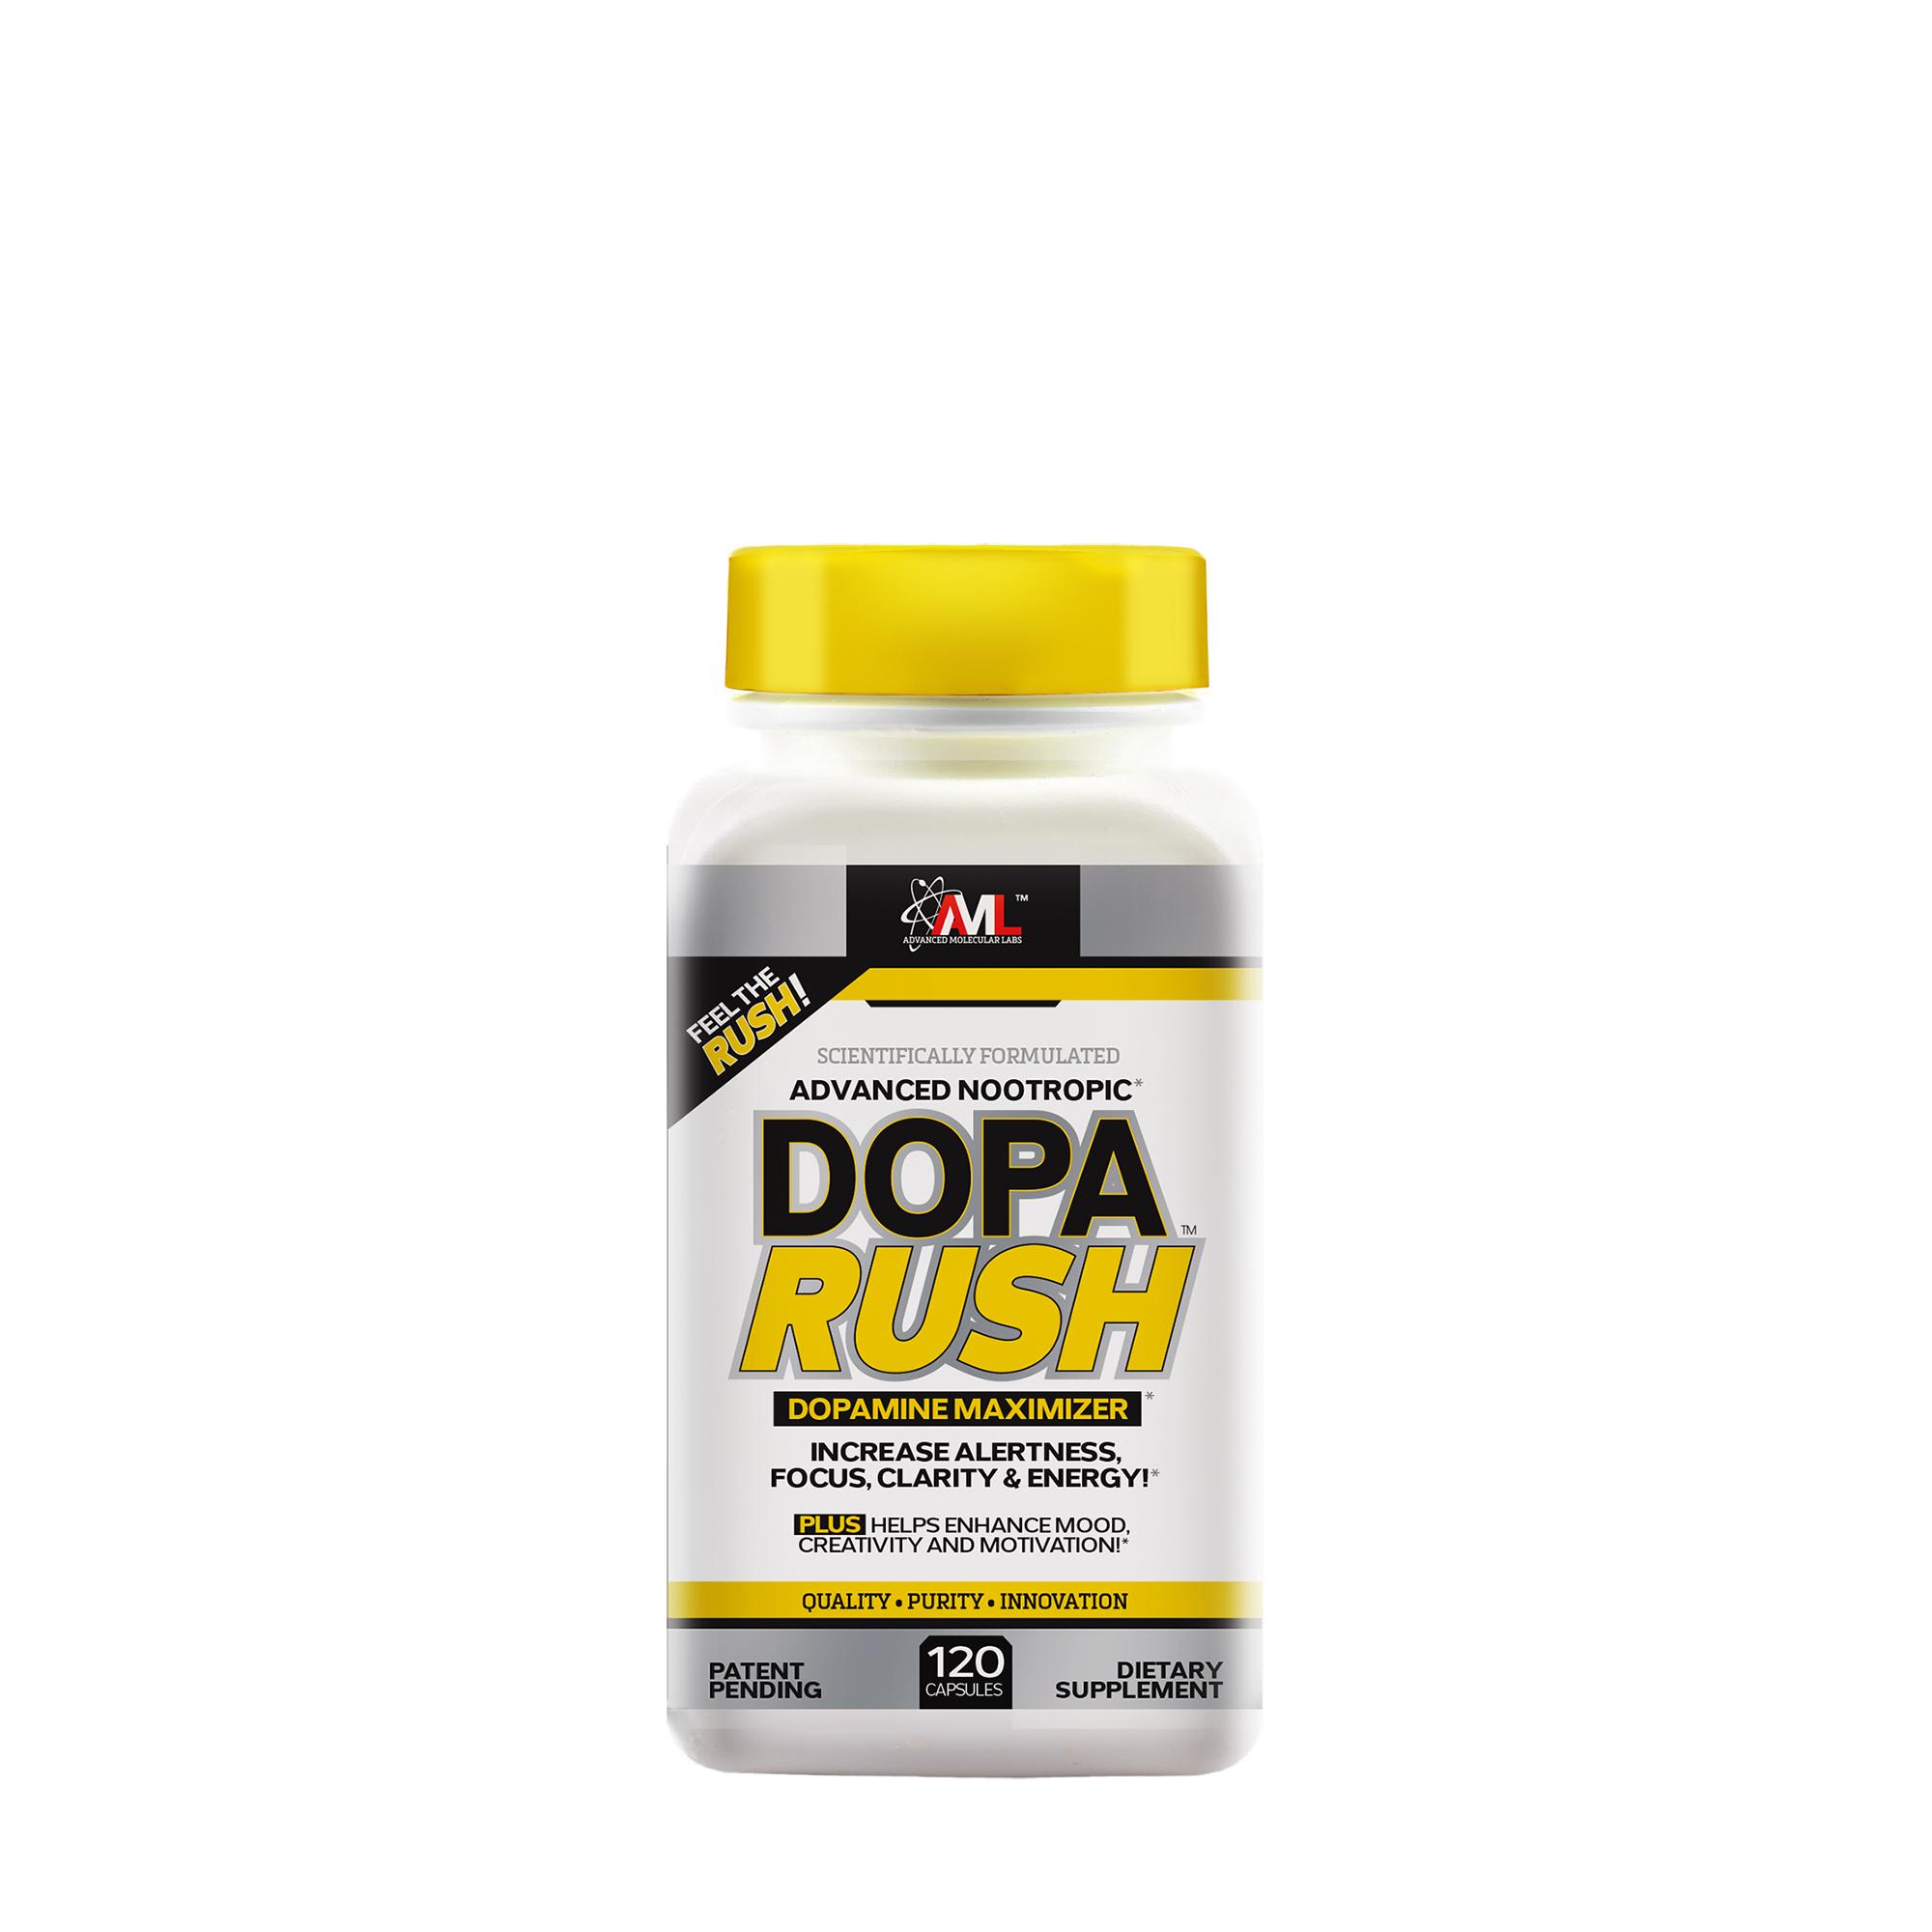 Dopa Rush™ Dopamine Maximizer